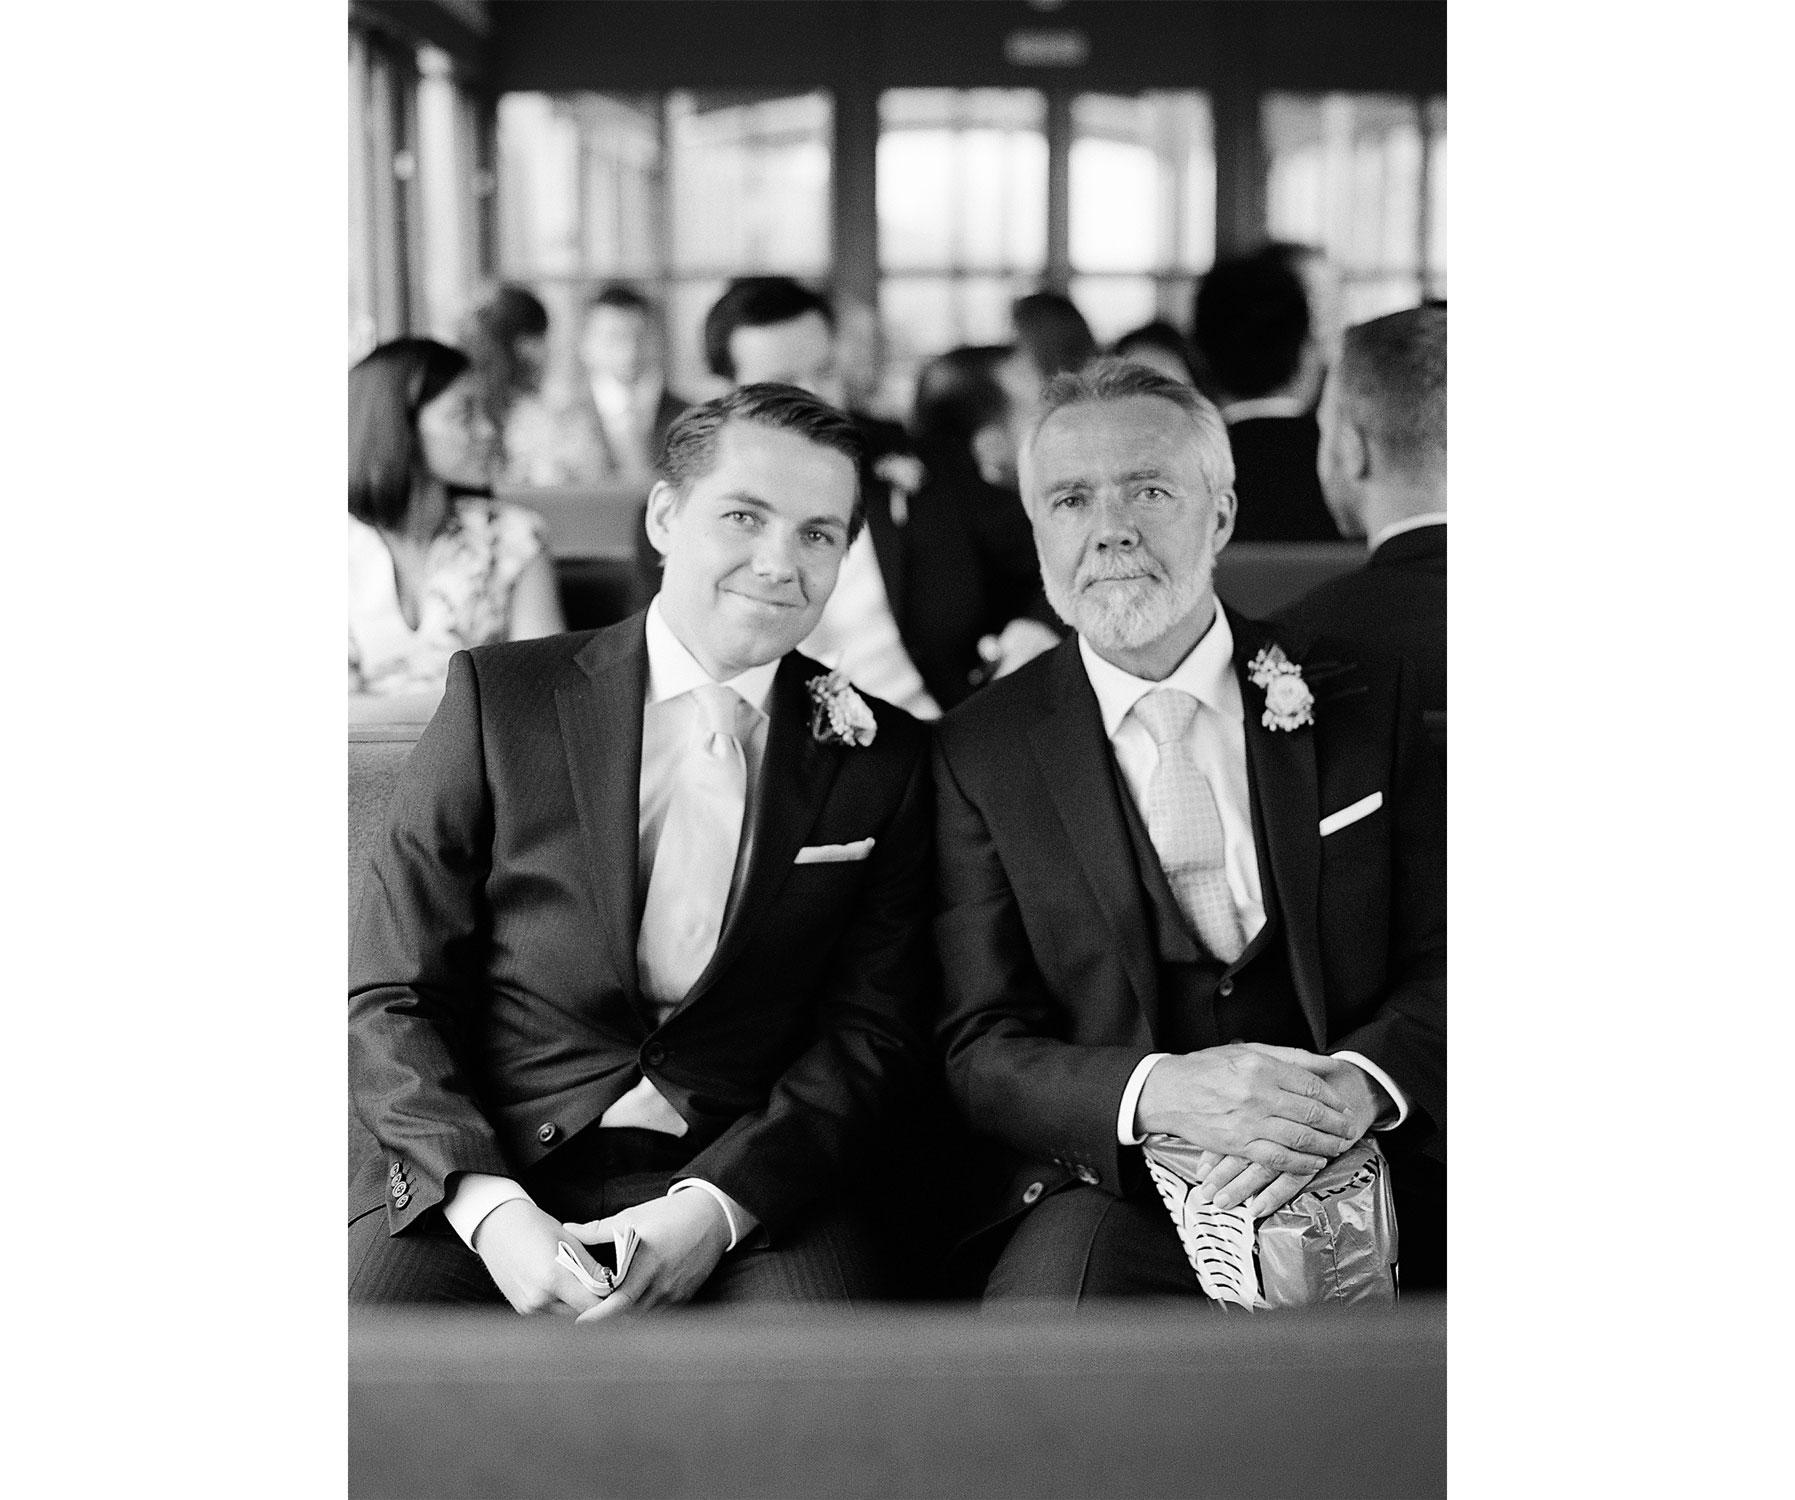 wedding_rigi_015.jpg